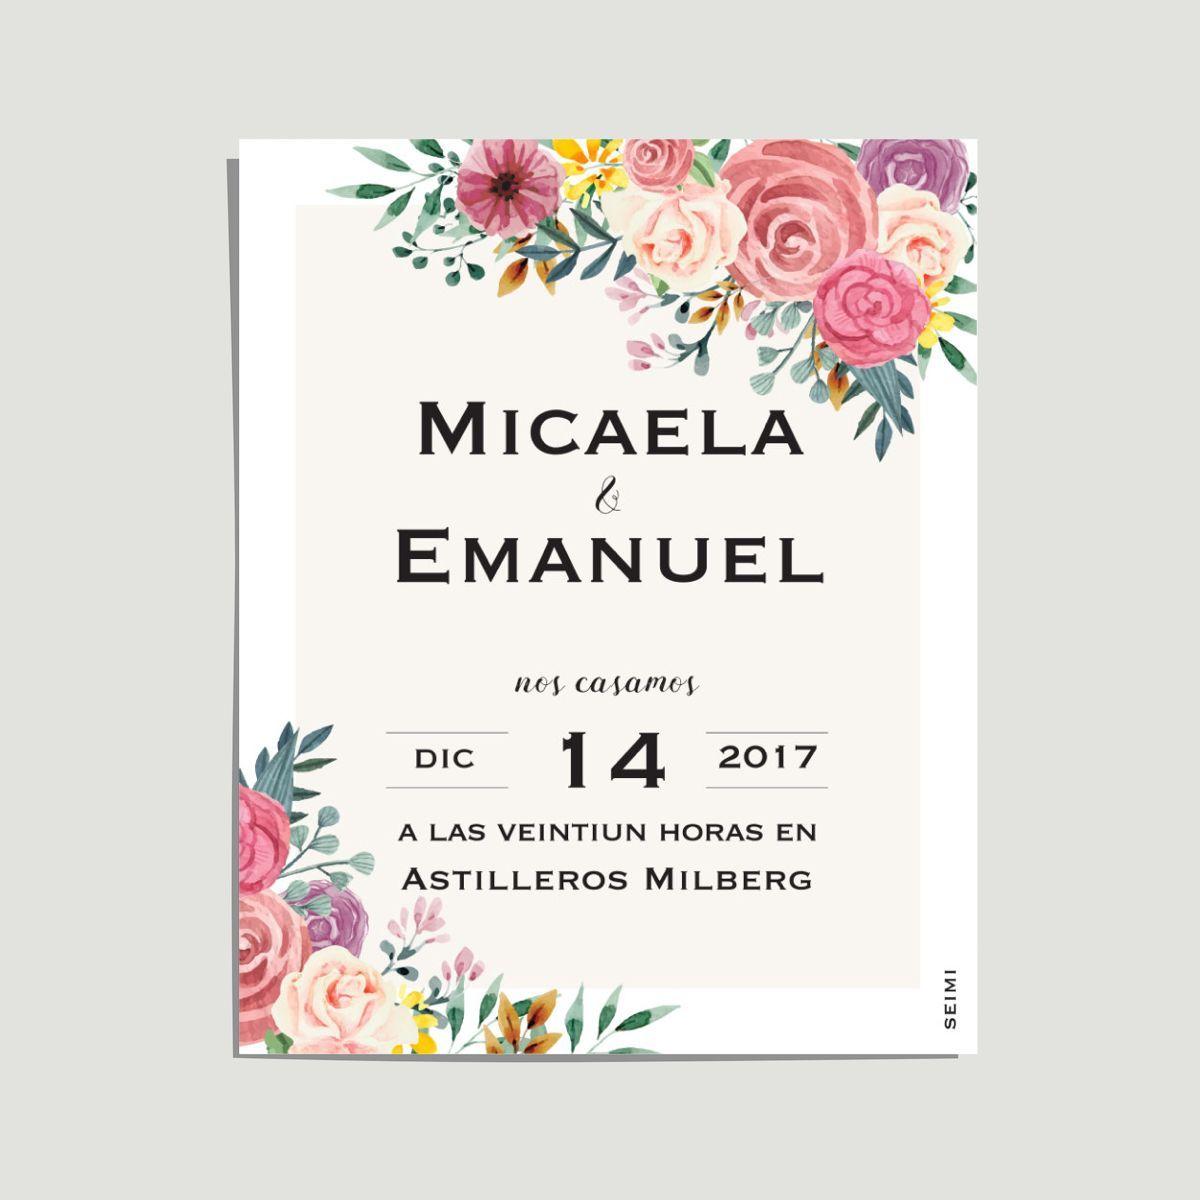 Invitaciones De Casamiento Tarjetas Digitales Con Sitio Web